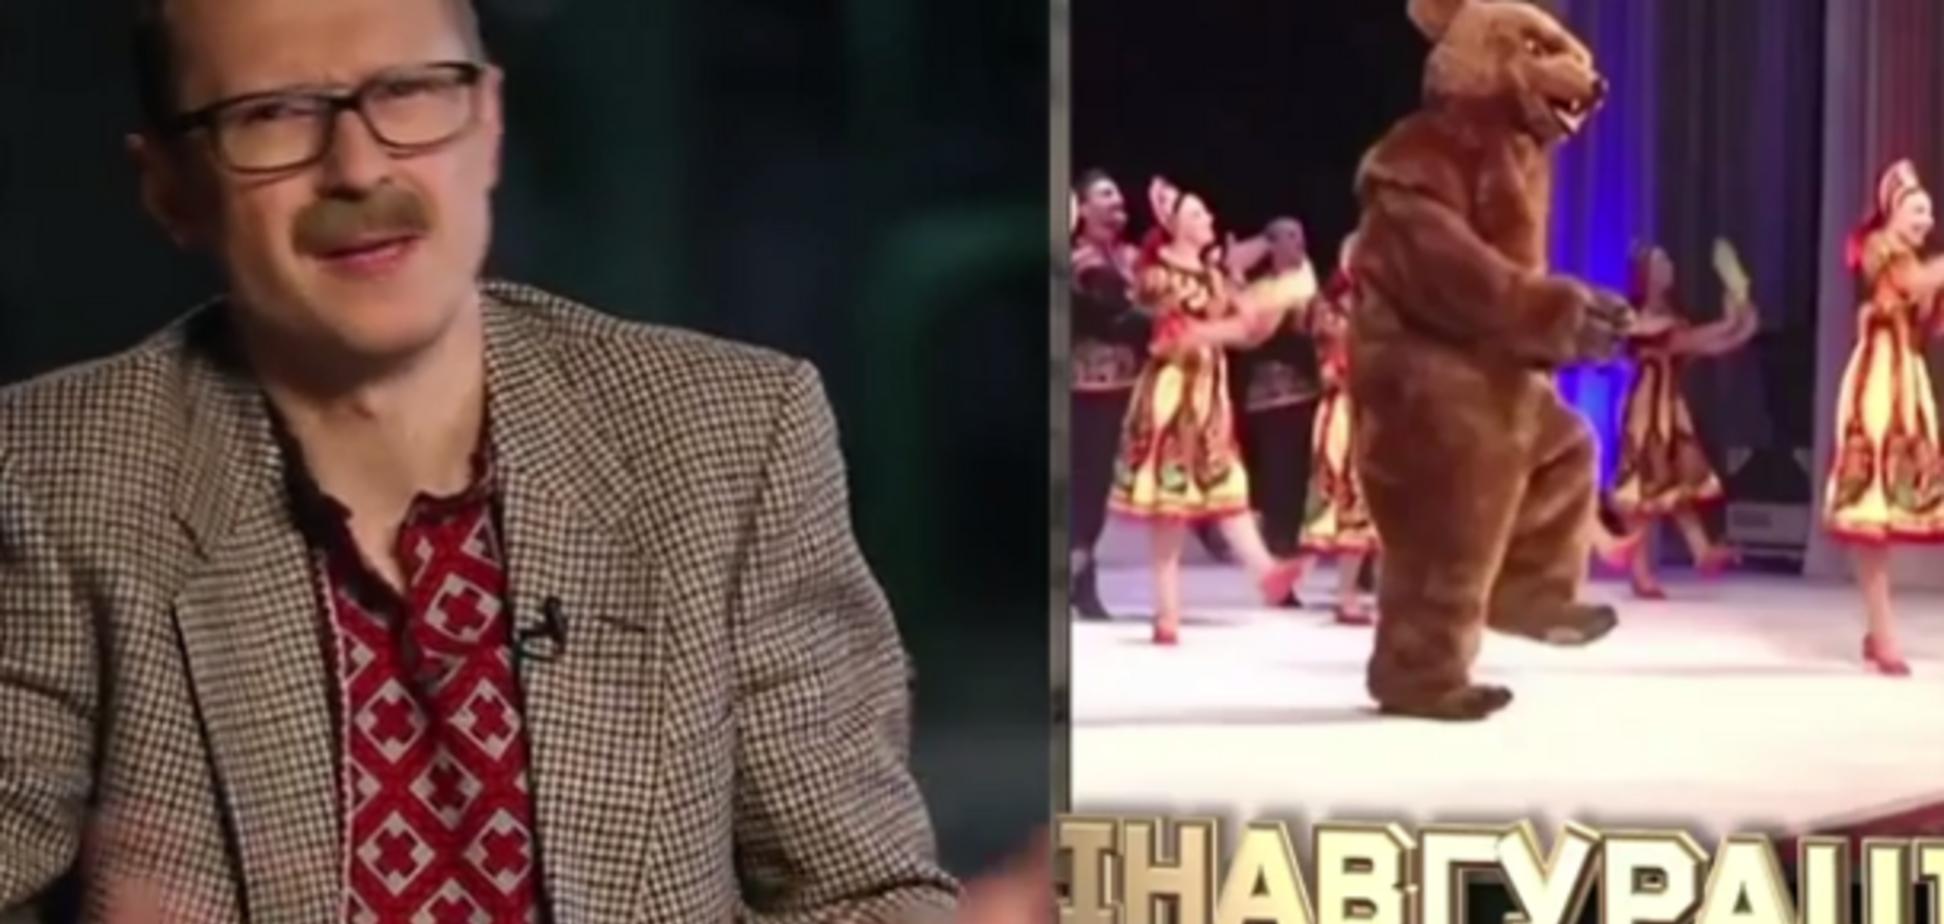 Майкл Щур показал, кто танцевал в костюме медведя на 'инаугурации' террориста Захарченко: опубликовано видео